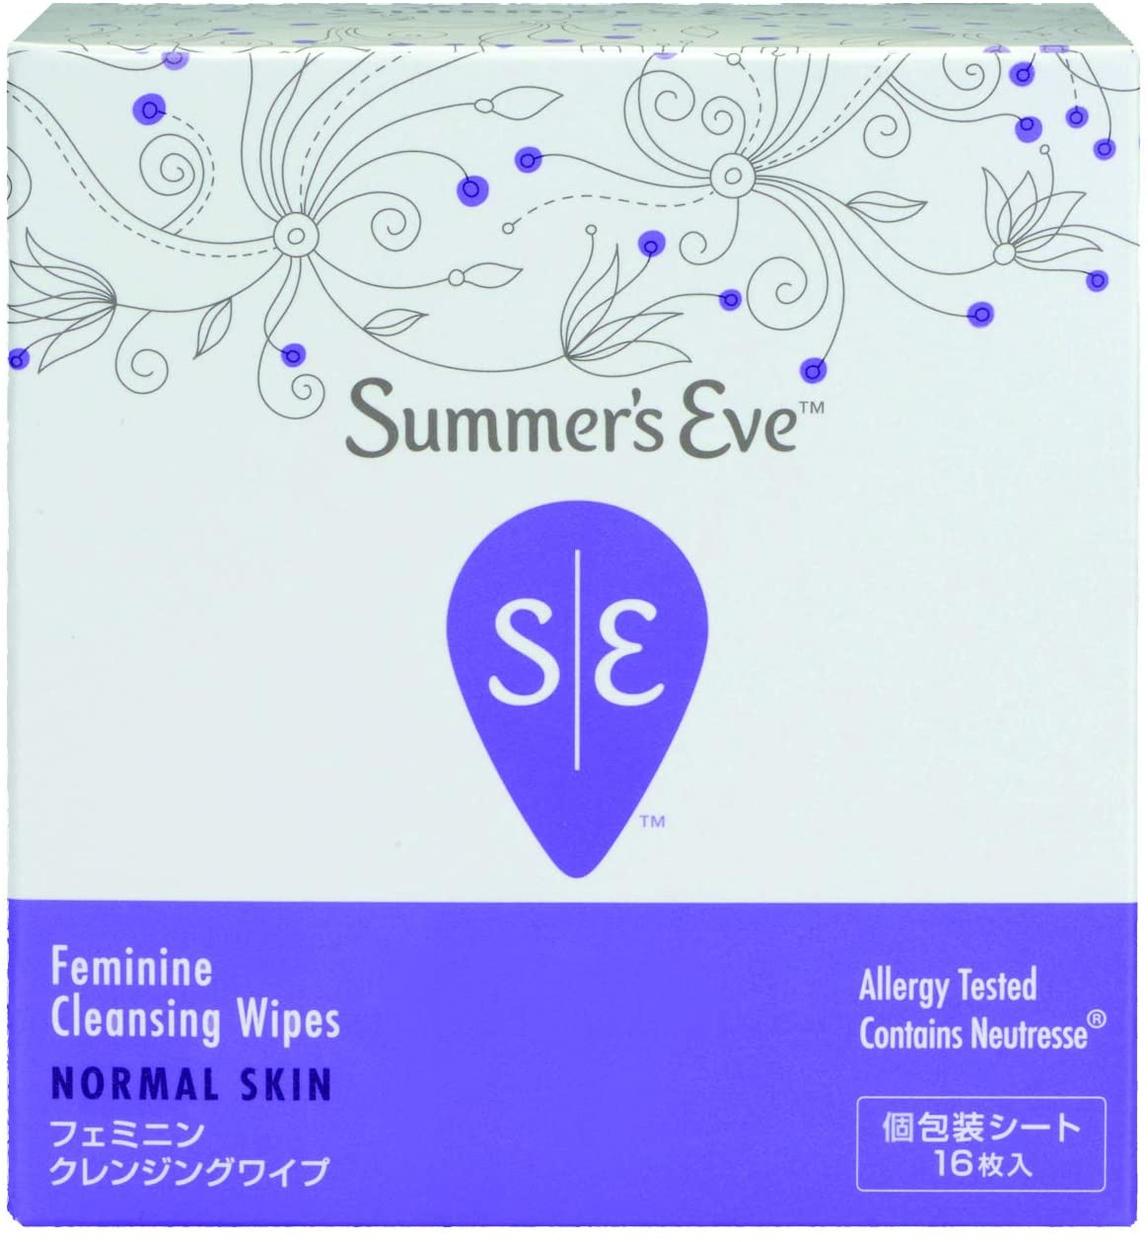 Summer's Eve(サマーズイブ) フェミニンクレンジングワイプの商品画像